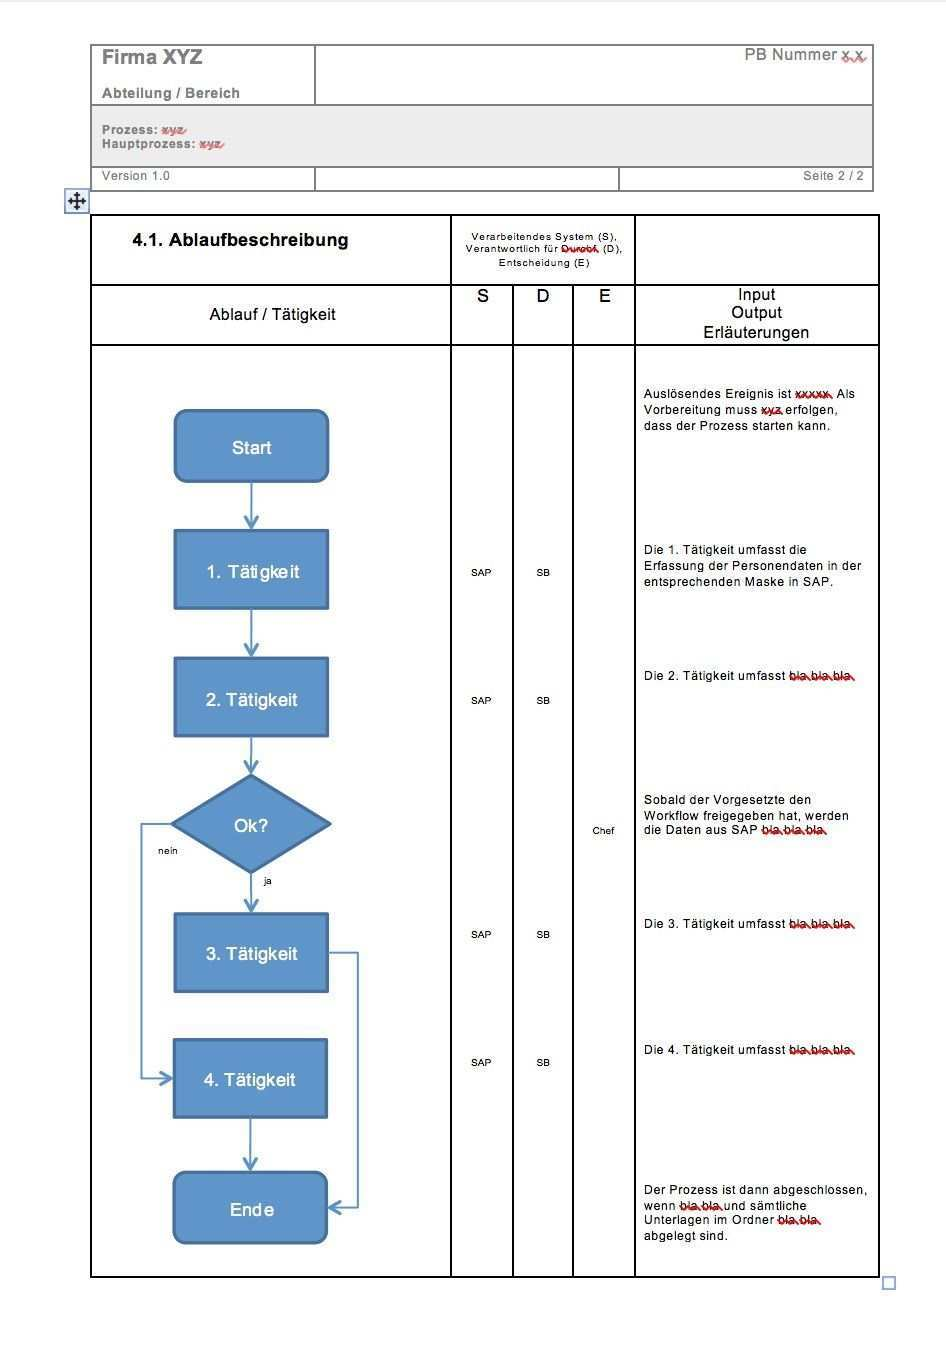 Eine Prozessbeschreibung Mit Flussdiagramm Vorlage Im Word Format In Iso Norm Kann Hier Kostenlos Herunter Geladen Werde Flussdiagramm Excel Vorlage Diagramm